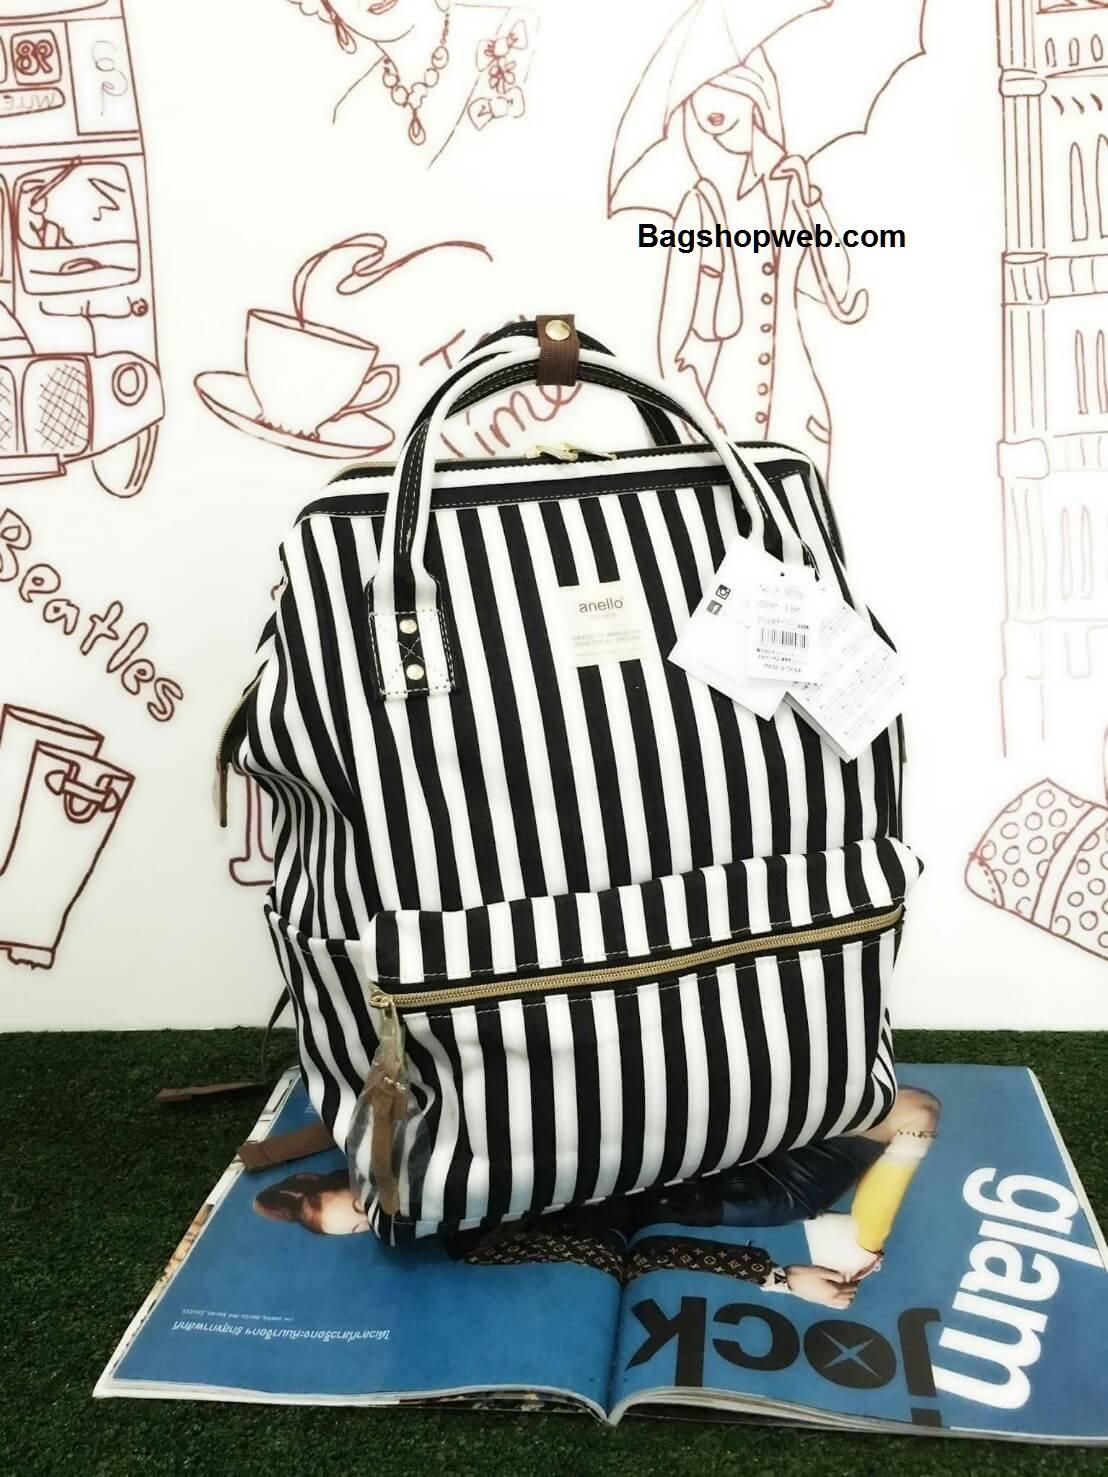 กระเป๋า Anello Casual Fabric Square Shaped Rucksack อีกรุ่นฮิตที่ขายดีสุดๆในญี่ปุ่น